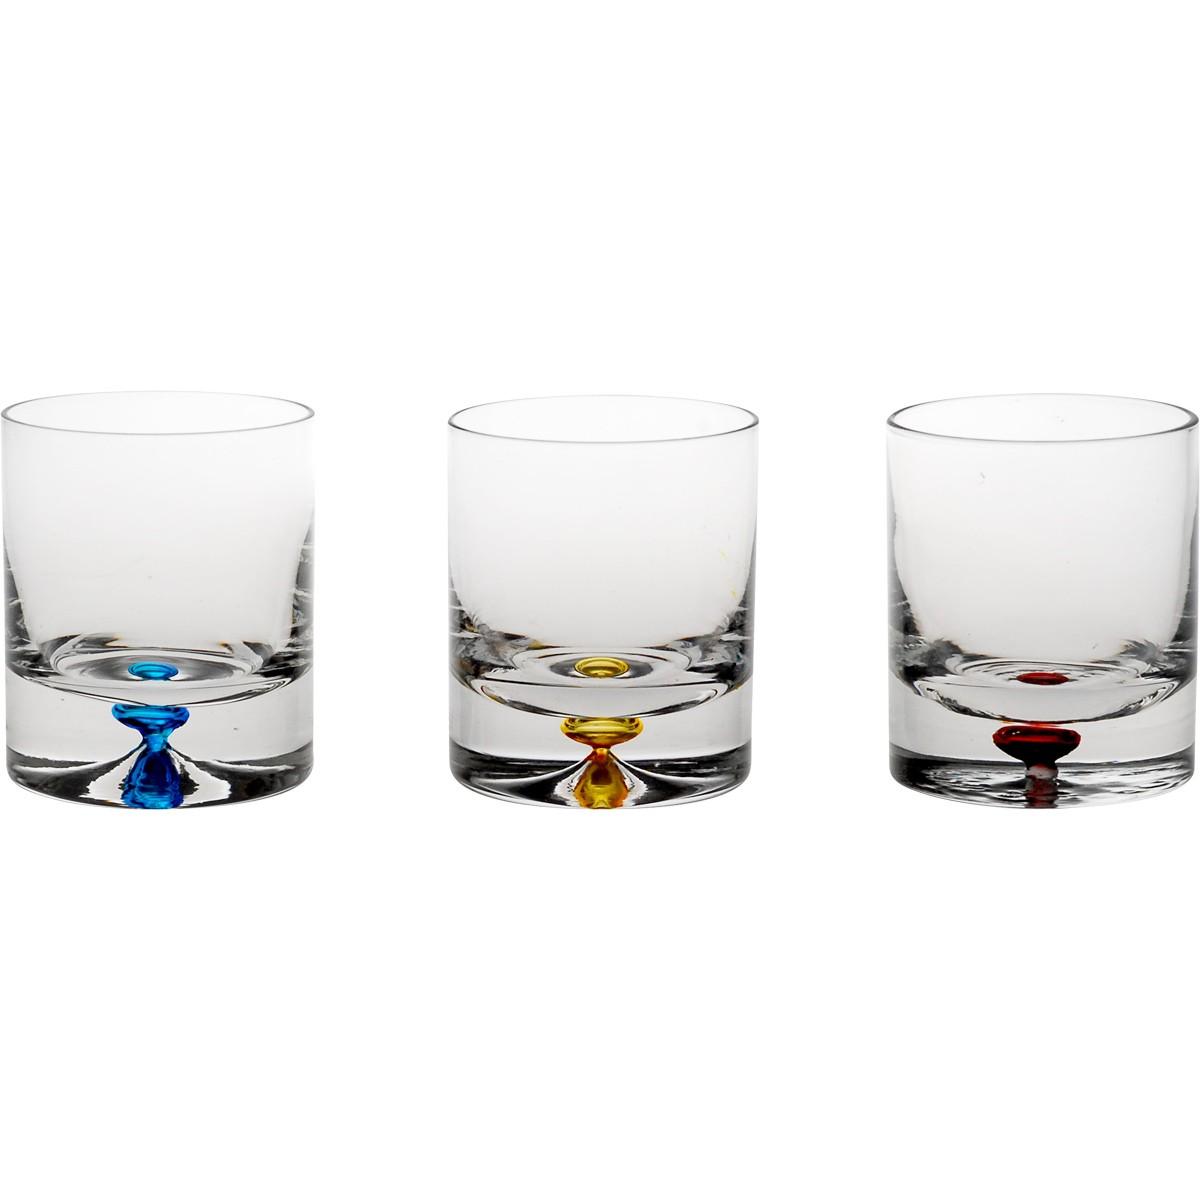 Ποτήρια Ουίσκι (Σετ 6τμχ) Home Design SXIDF/9303 54857